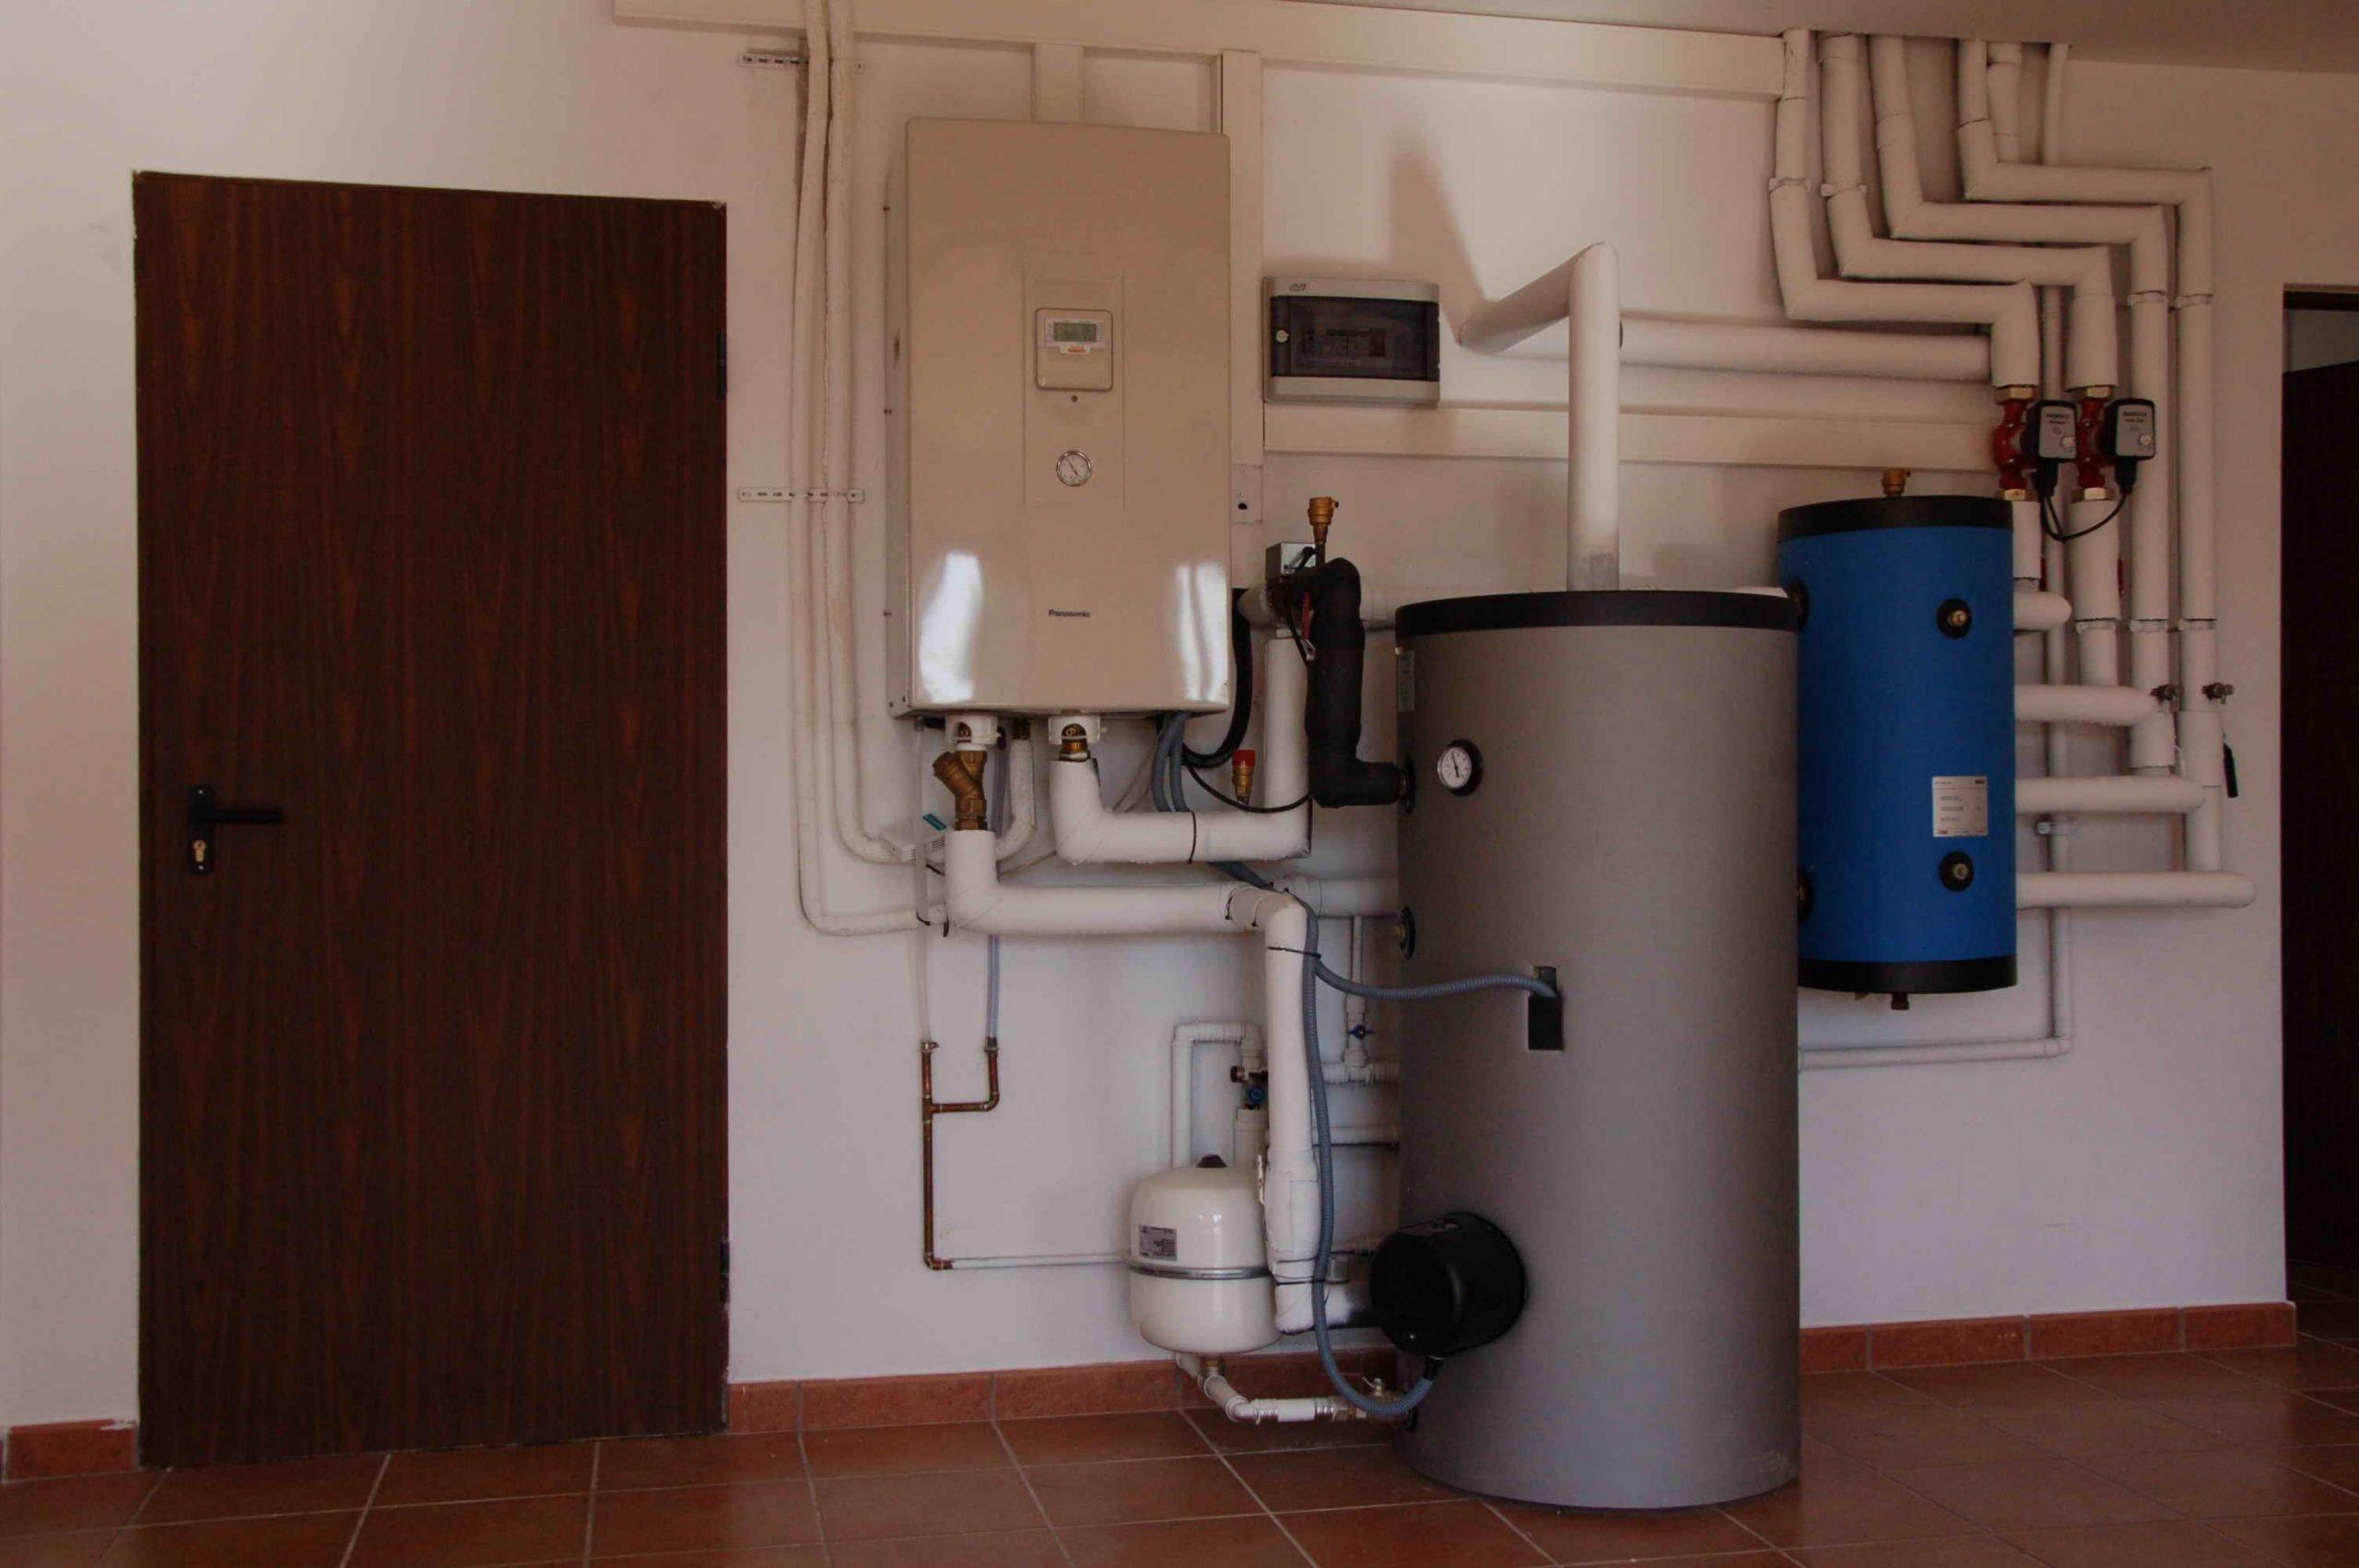 ¿Cómo funciona un hogar con un sistema de aerotermia?